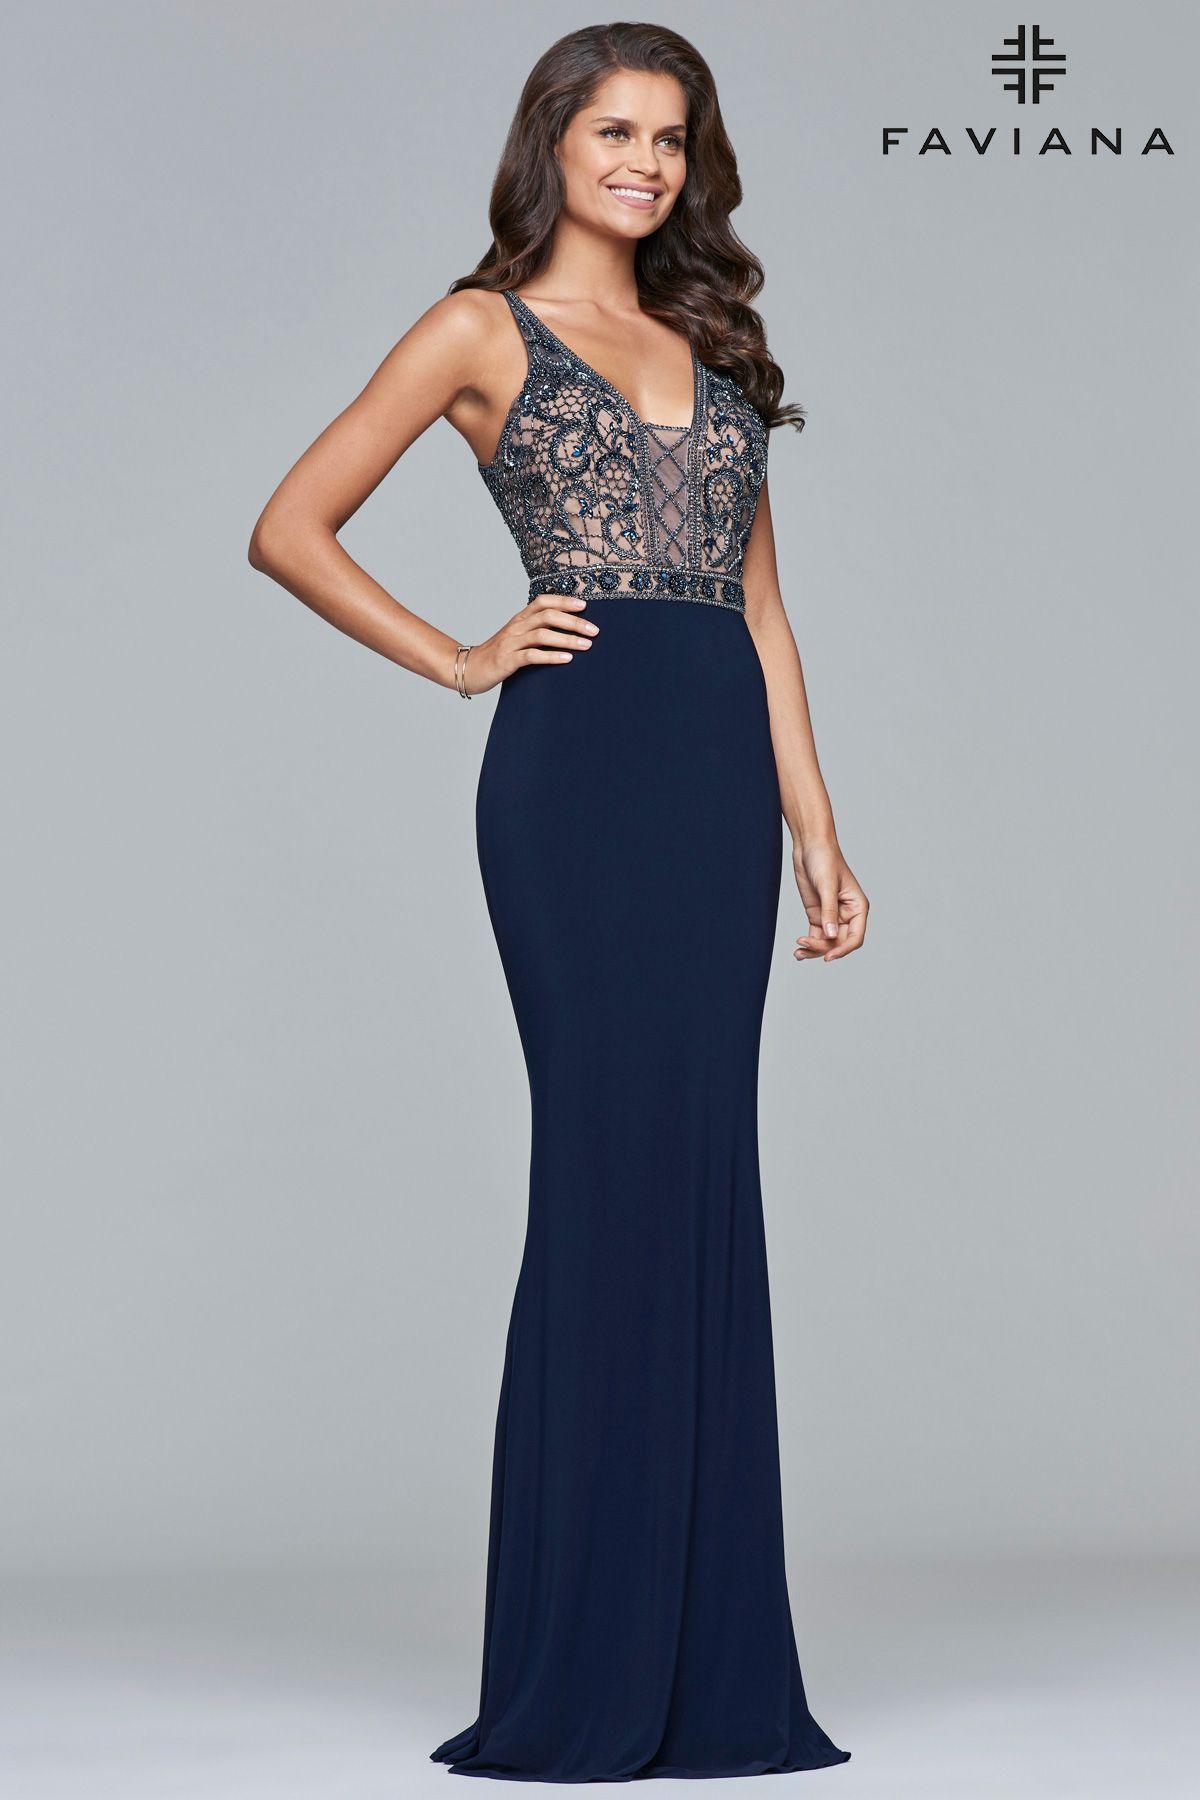 Faviana Dress 7912   PeachesBoutique.com